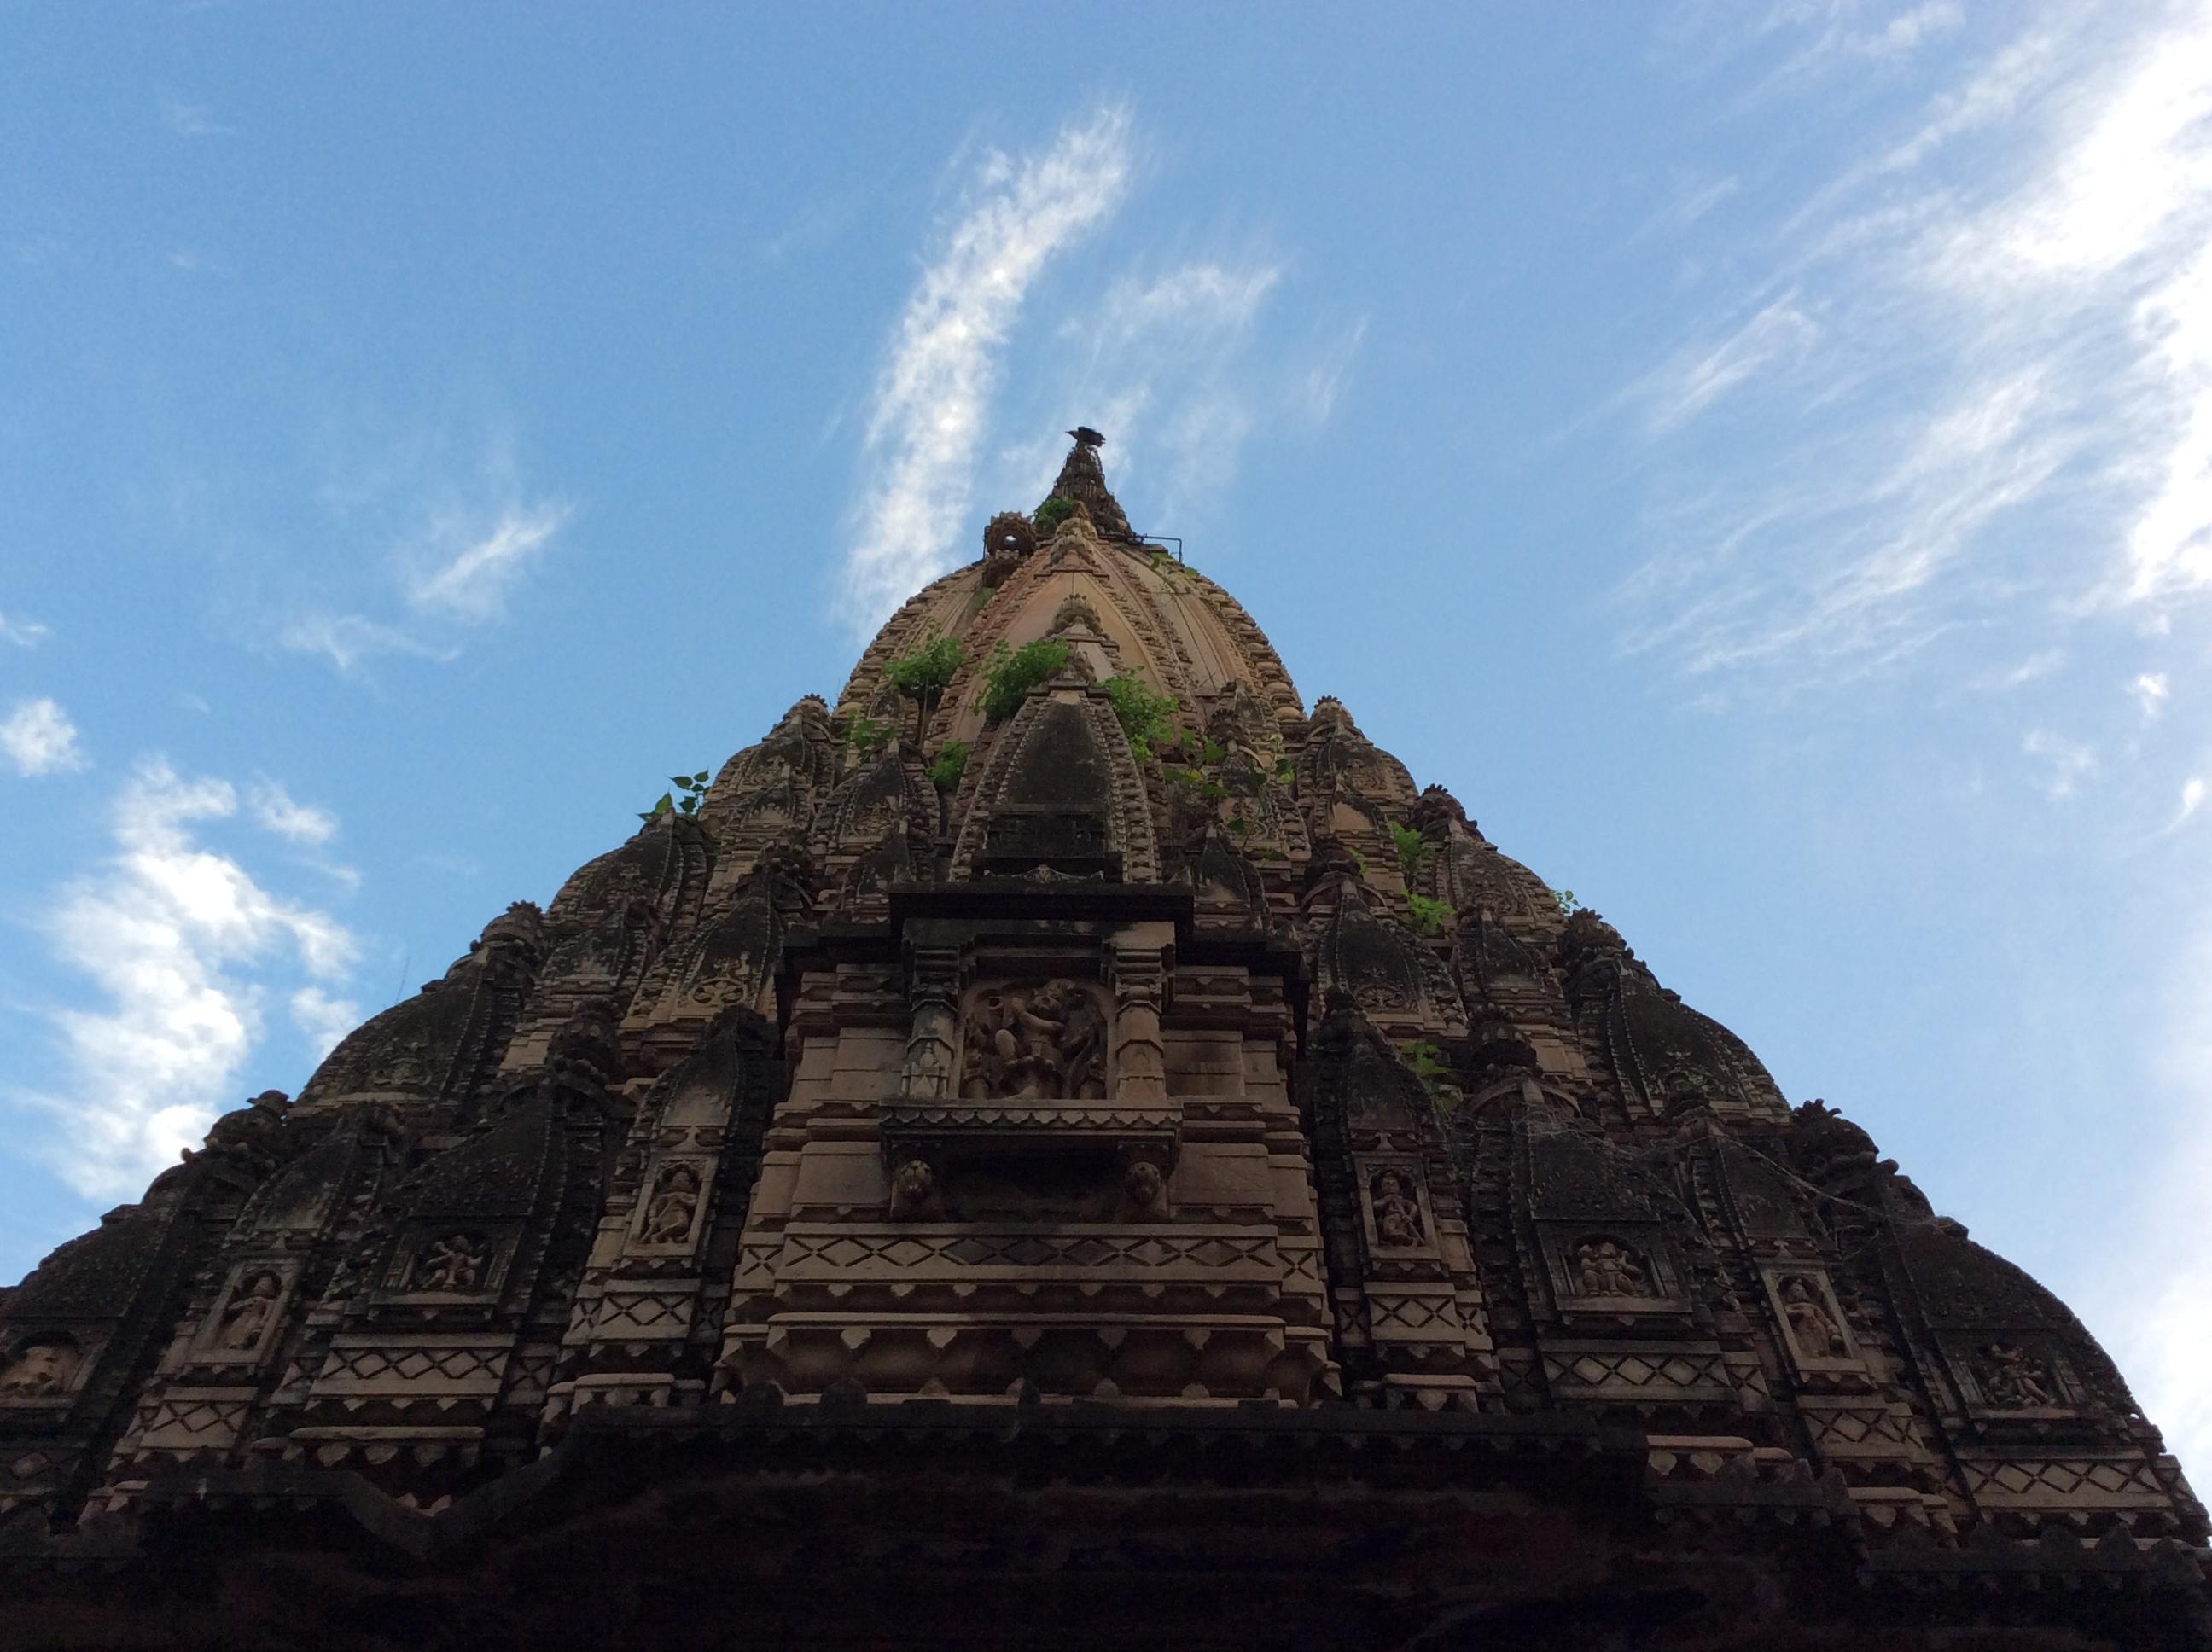 ...eigener Tempel im verlassen Palast- mit Papagei auf der Spitze...